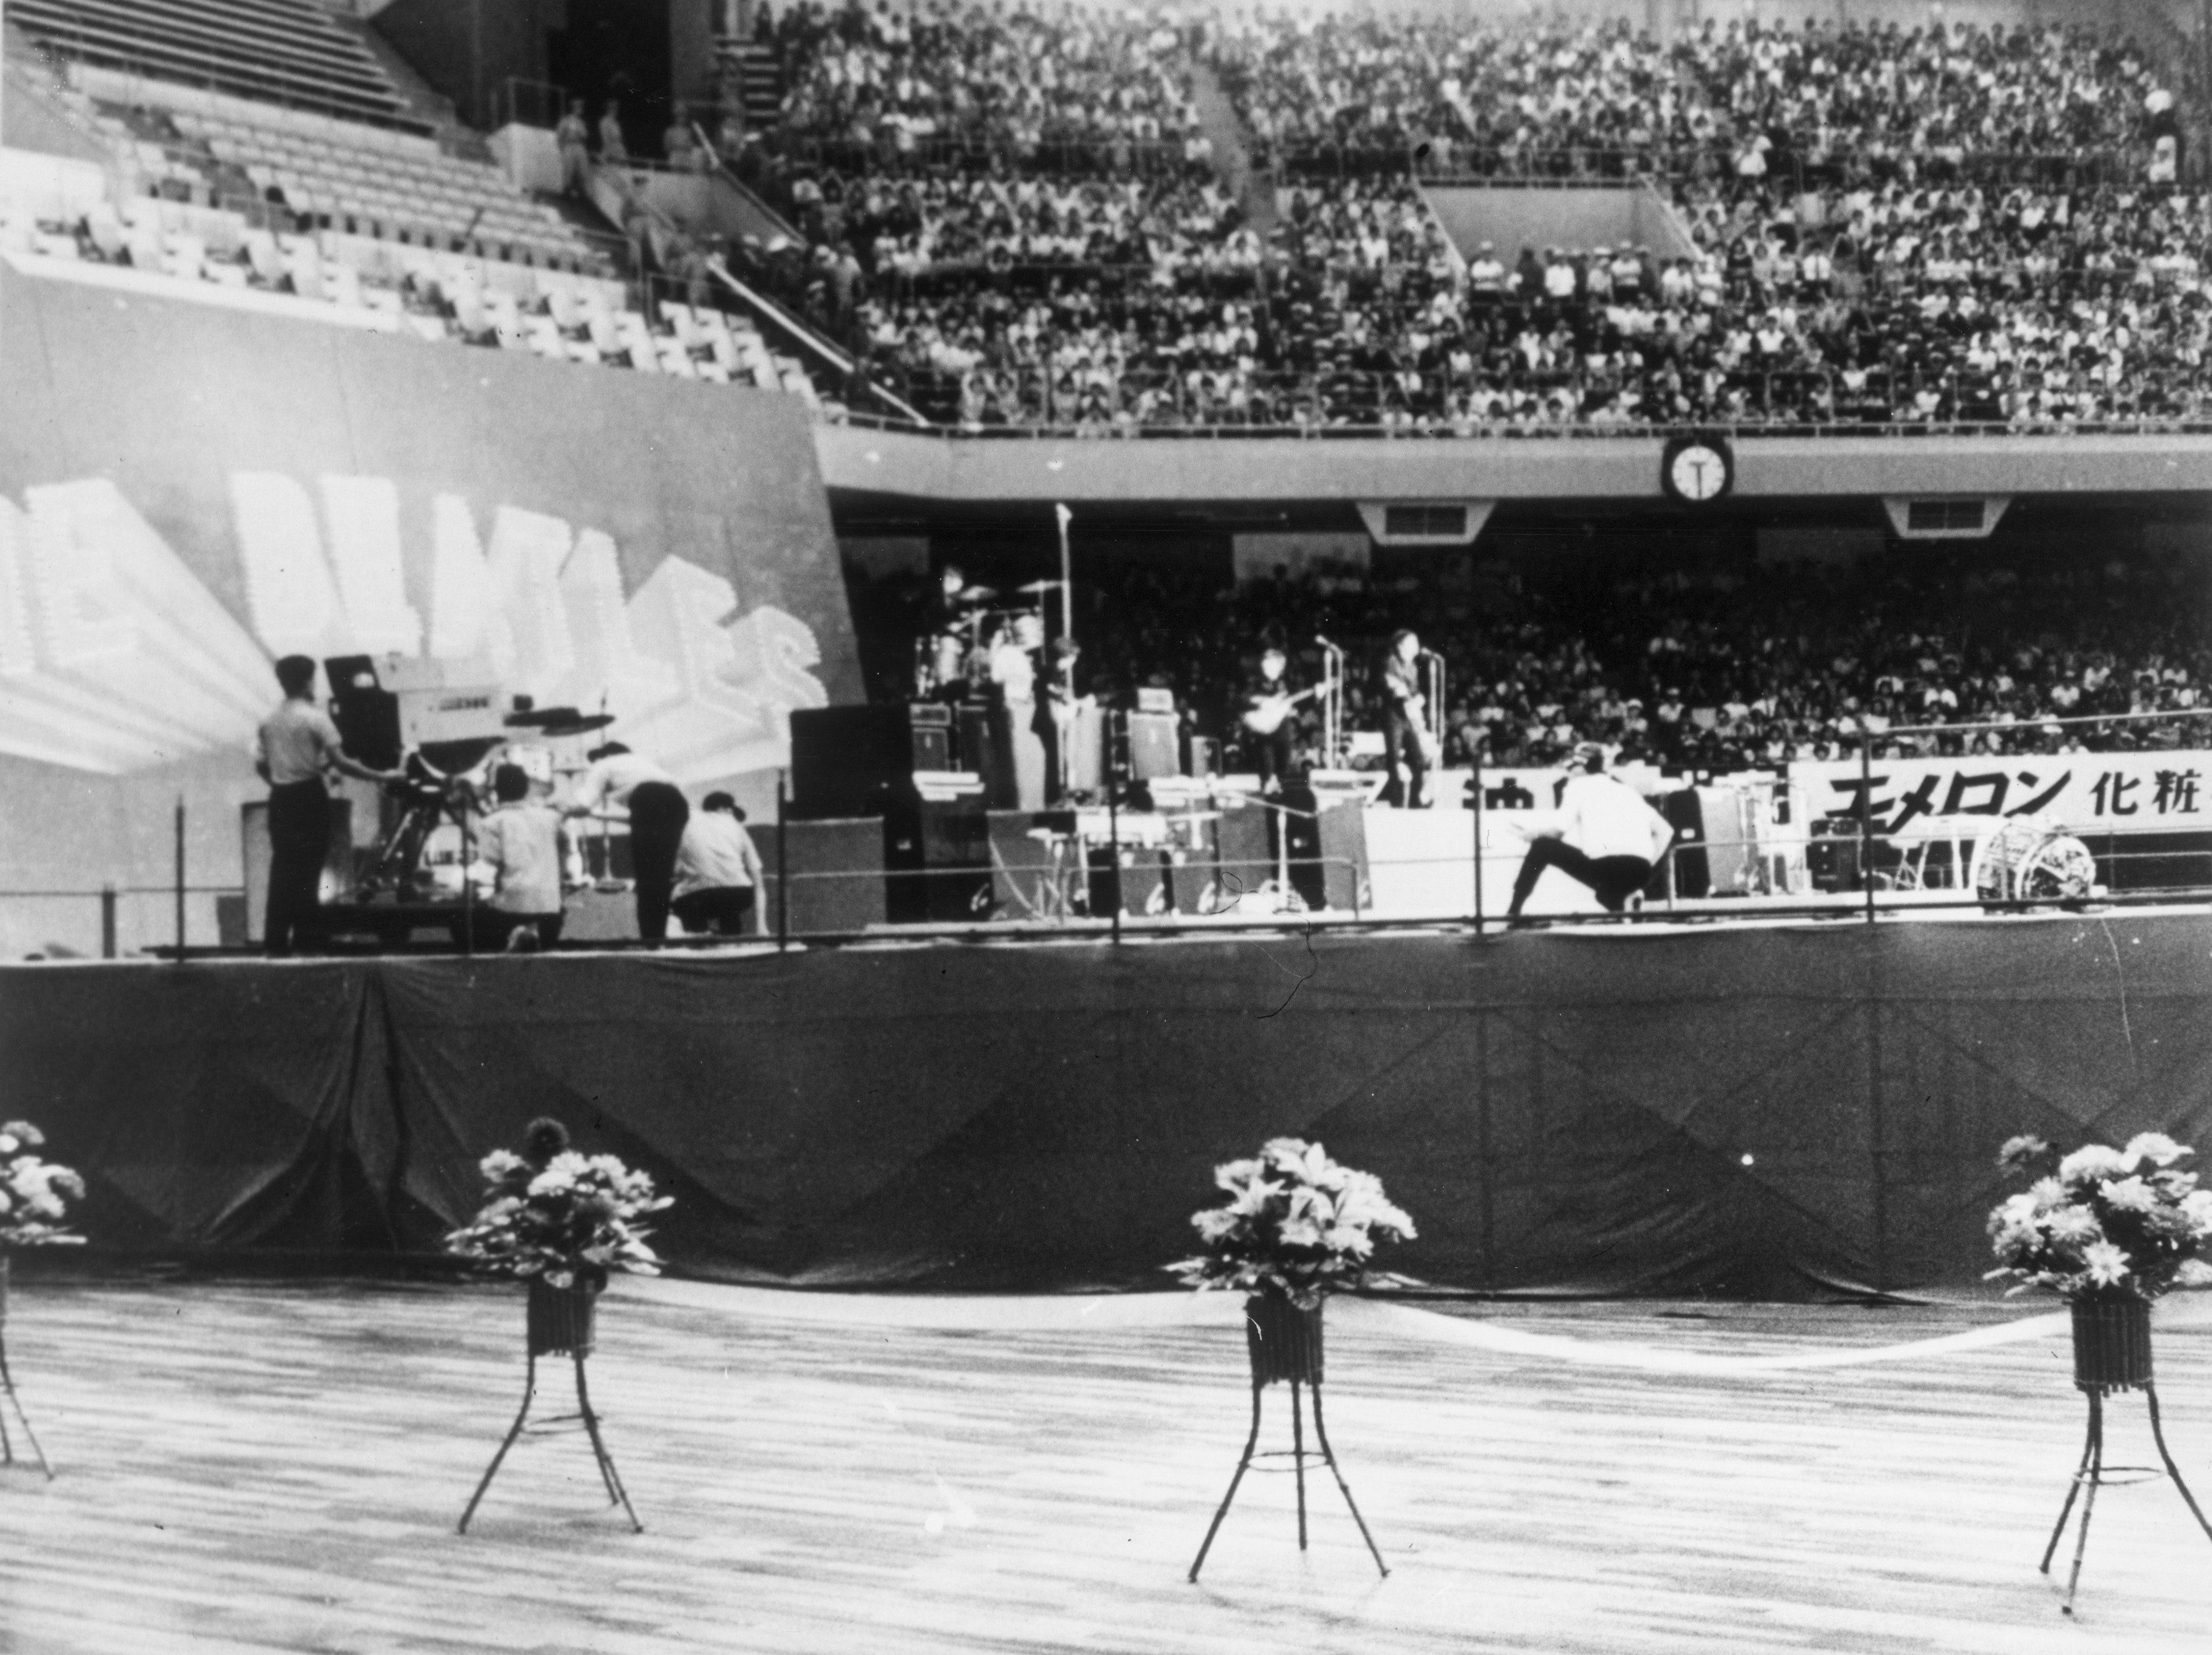 Os Beatles se apresentam no Budokan, no Japão, em 1966